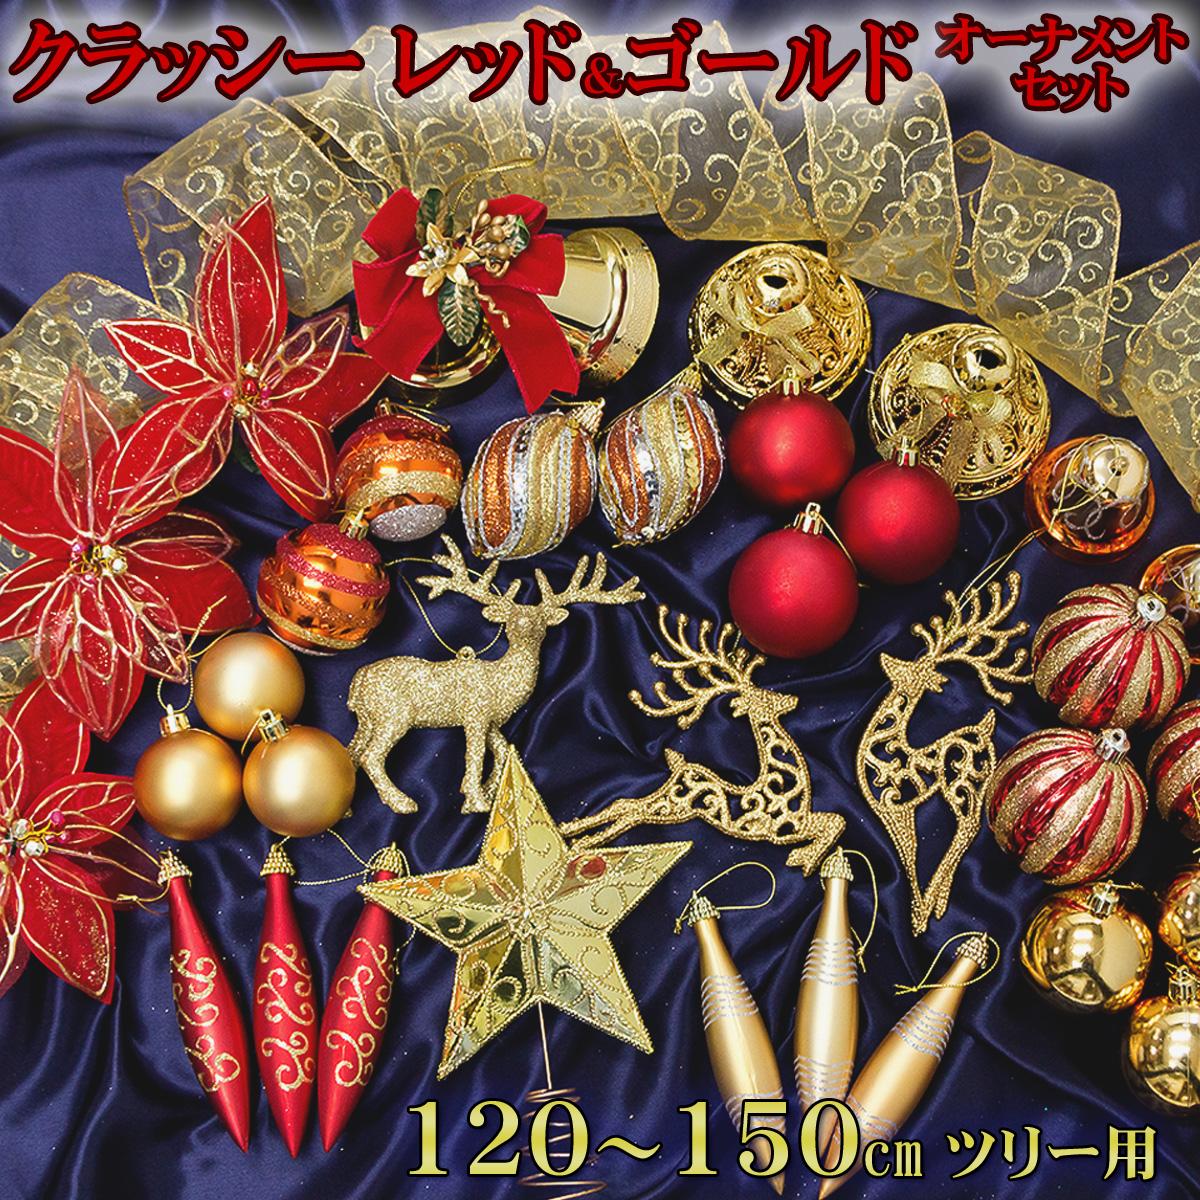 クリスマスツリー オーナメントセット 120~150cm レッド&ゴールド 赤 金 北欧 飾り セット クラッシー